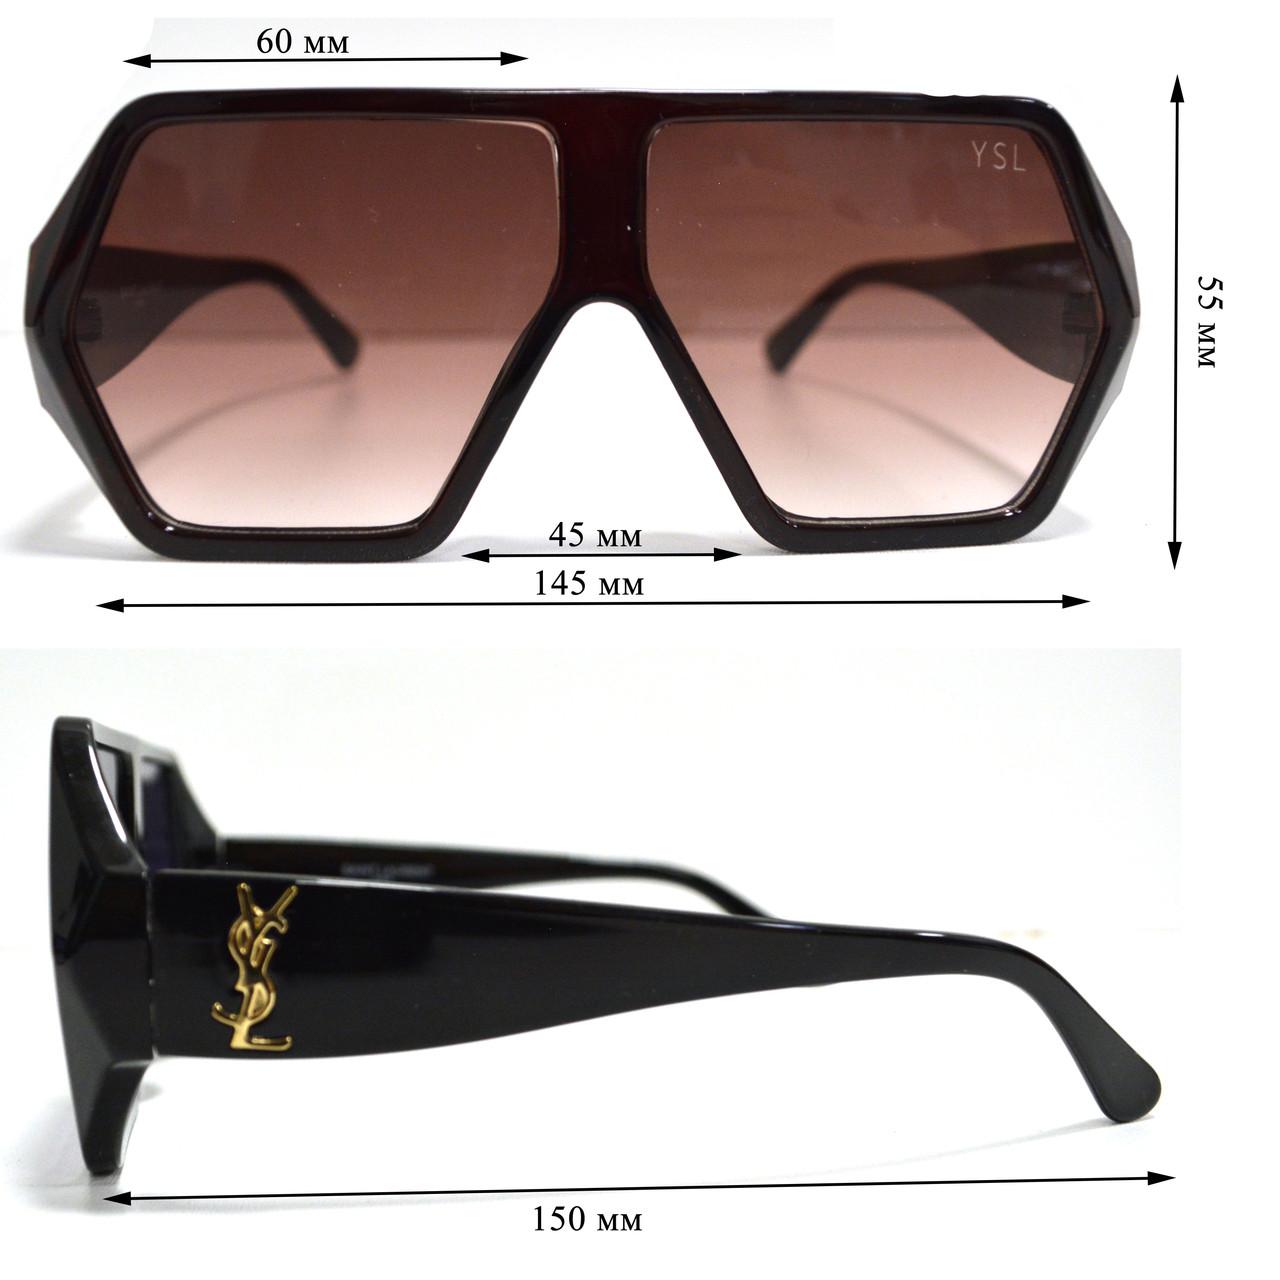 Солнцезащитные очки с коричневыми стеклами с широкой коричневой дужкой YSL 3010 - фото 2